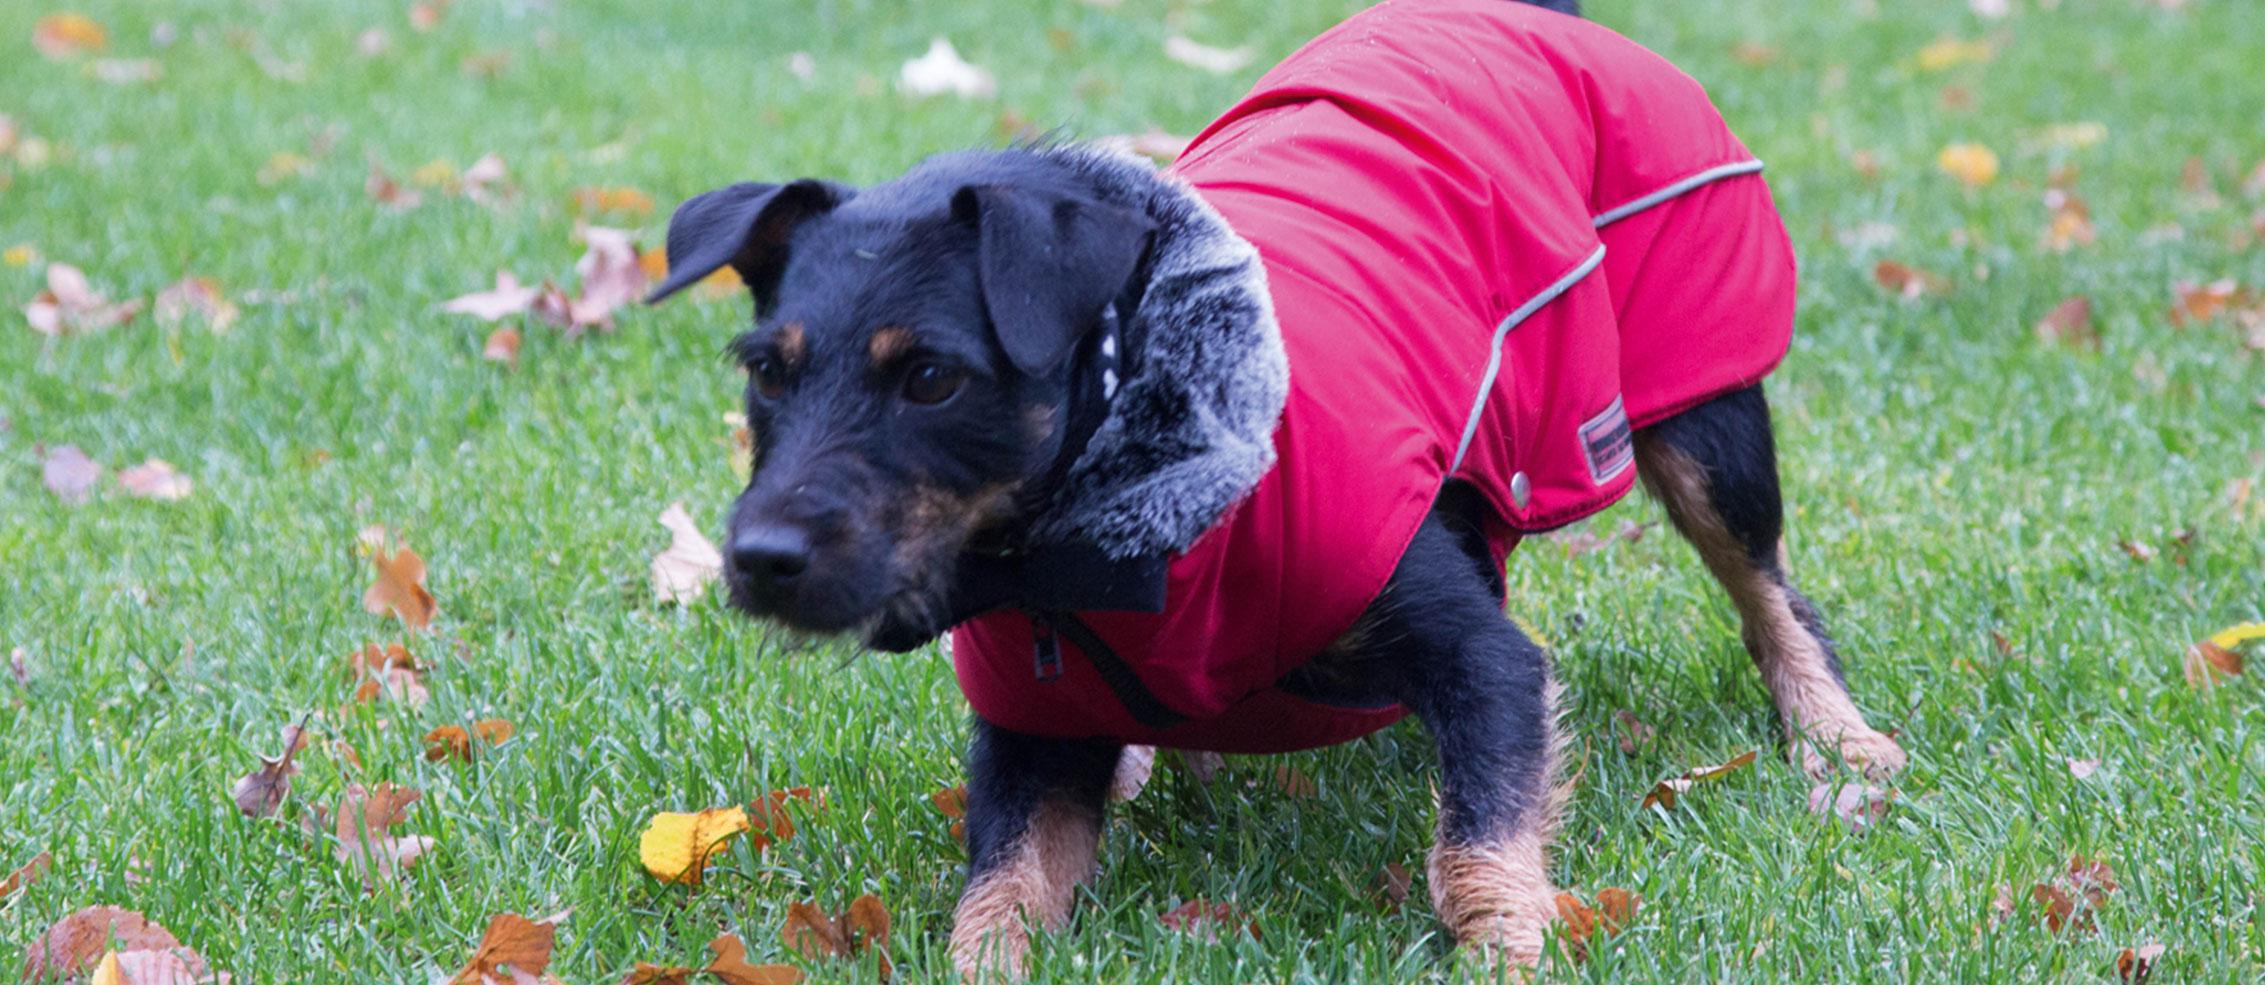 Wolters Hundemäntel Hundebekleidung Online Shop, Bild 3